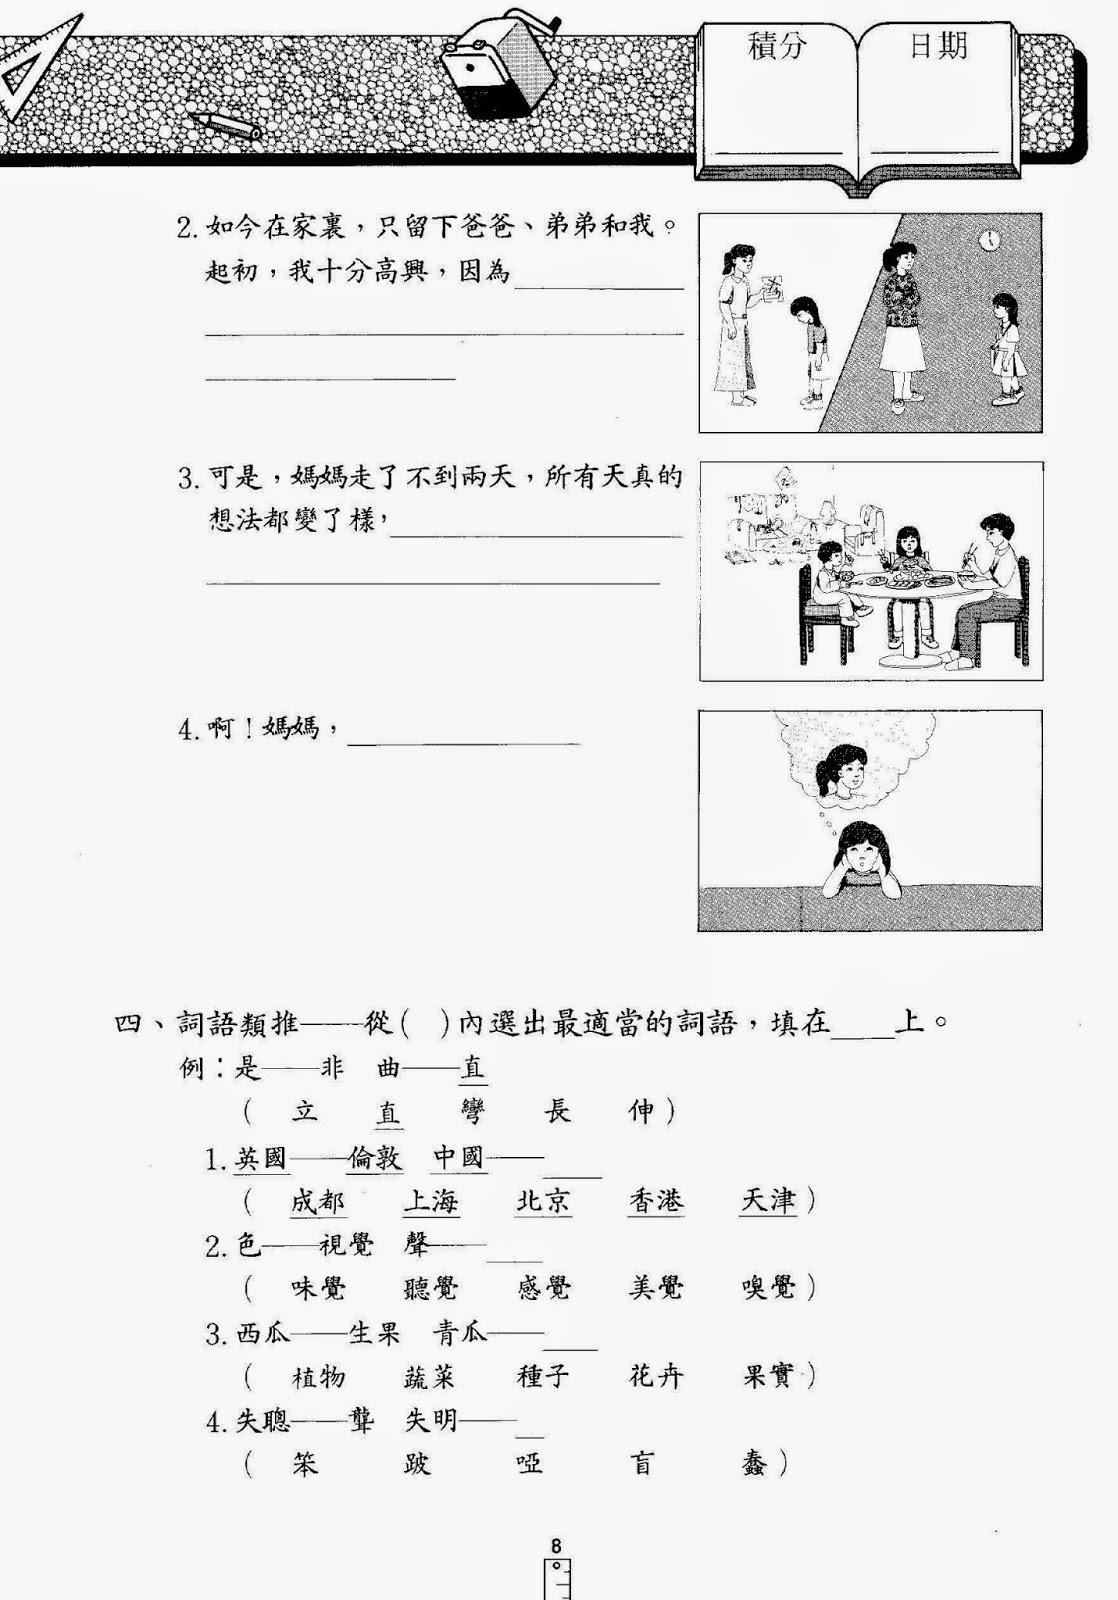 MaMa Resources: 小五 中文練習